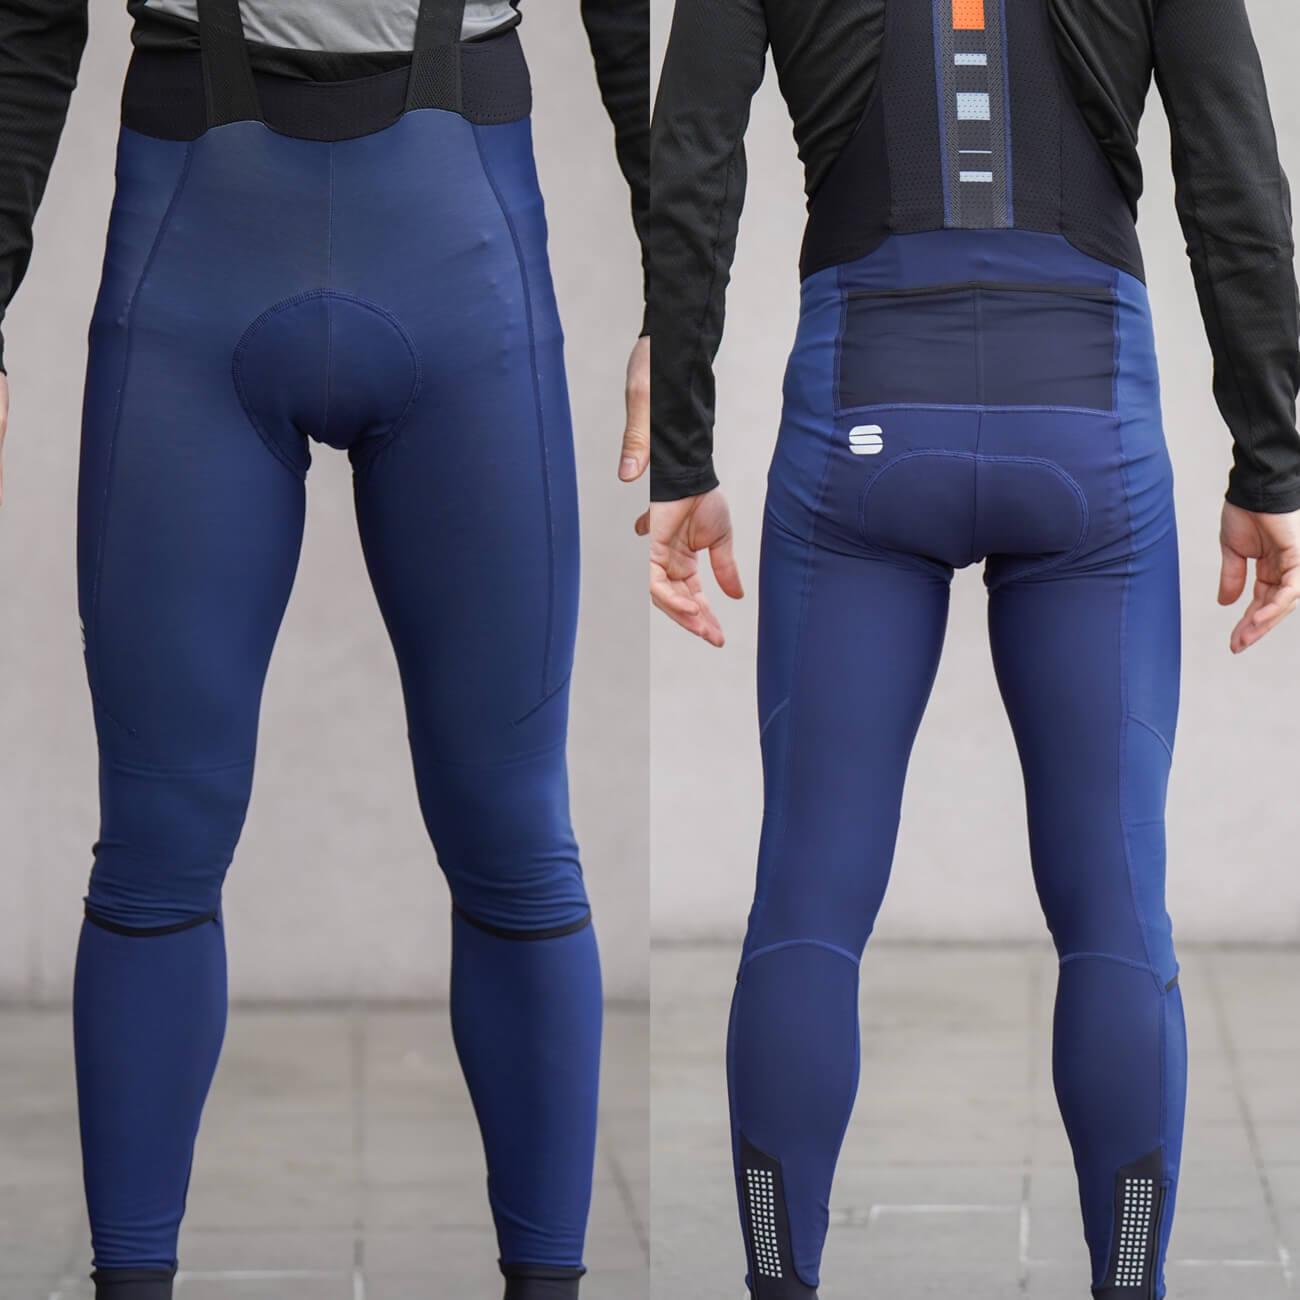 bodyfit-pro-zilas